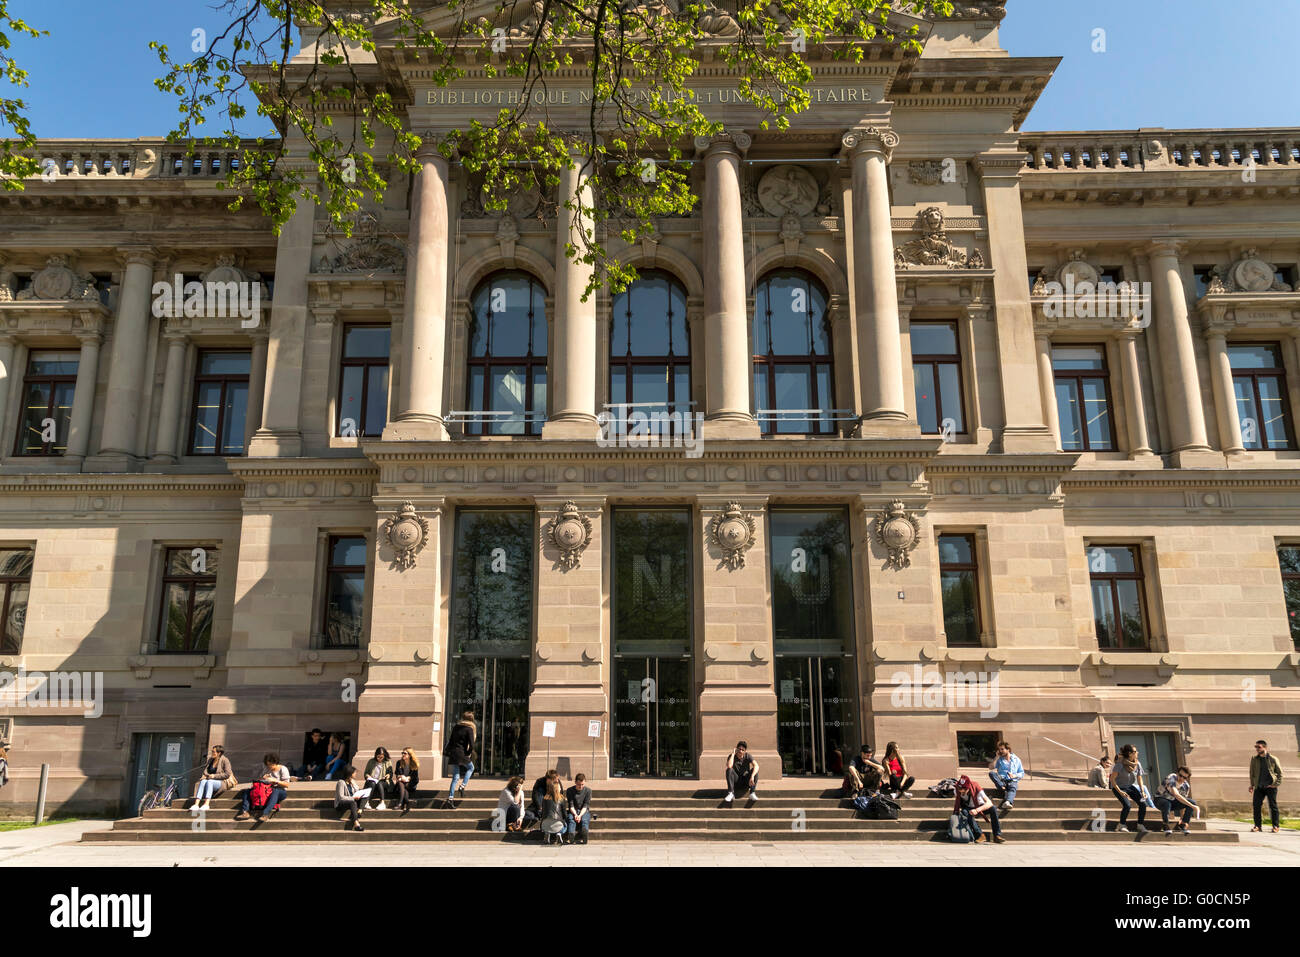 die National- und Universitätsbibliothek am Place De La République in Straßburg, Elsass, Frankreich Stockbild